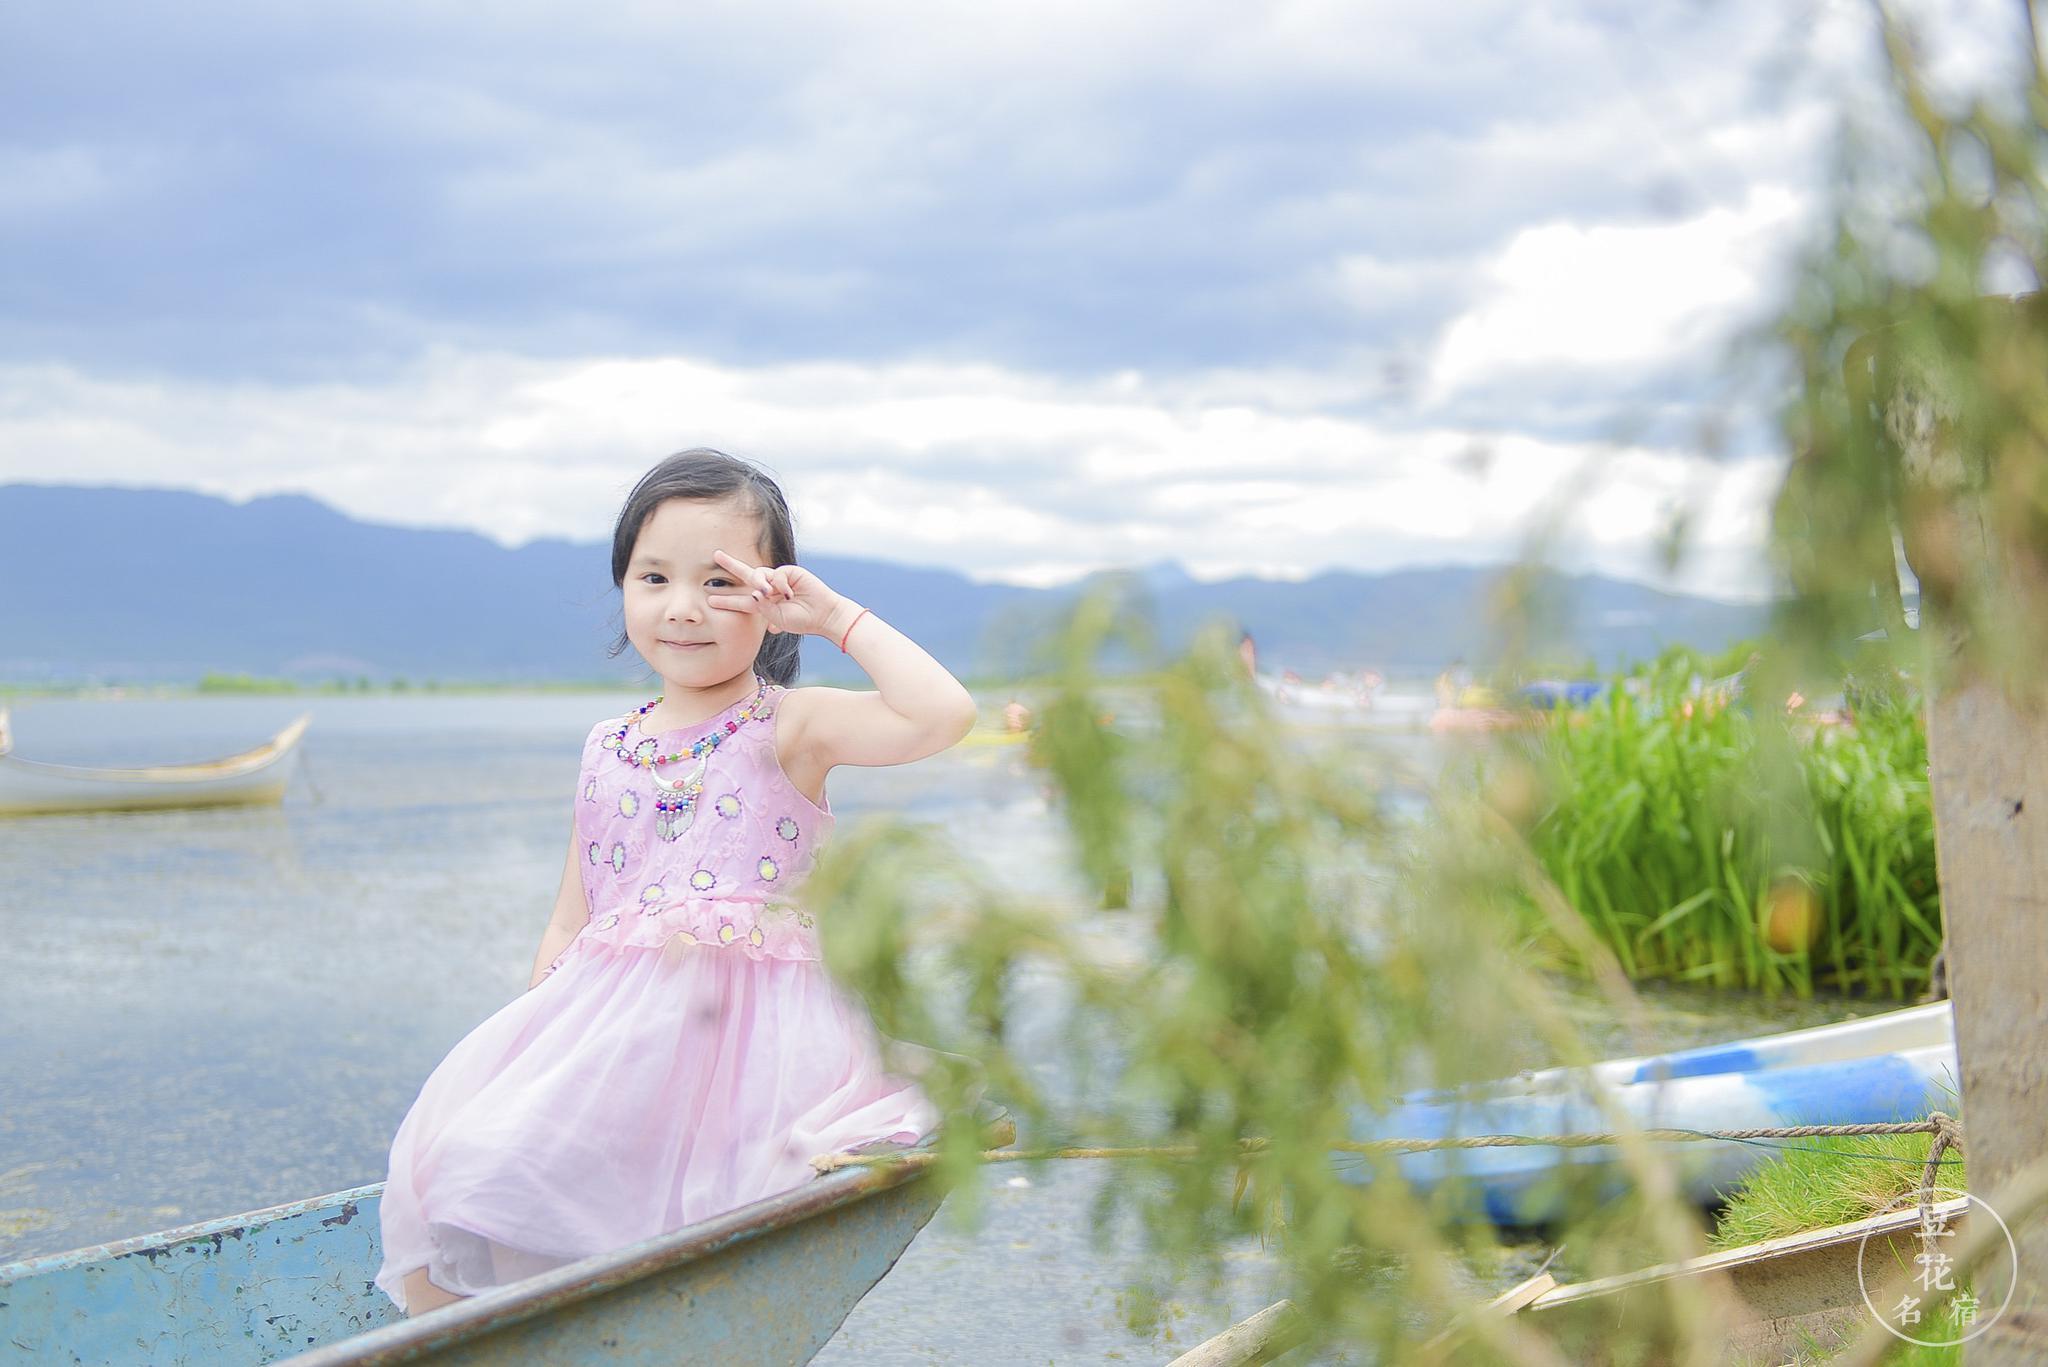 六月的拉市海,儿童节快乐